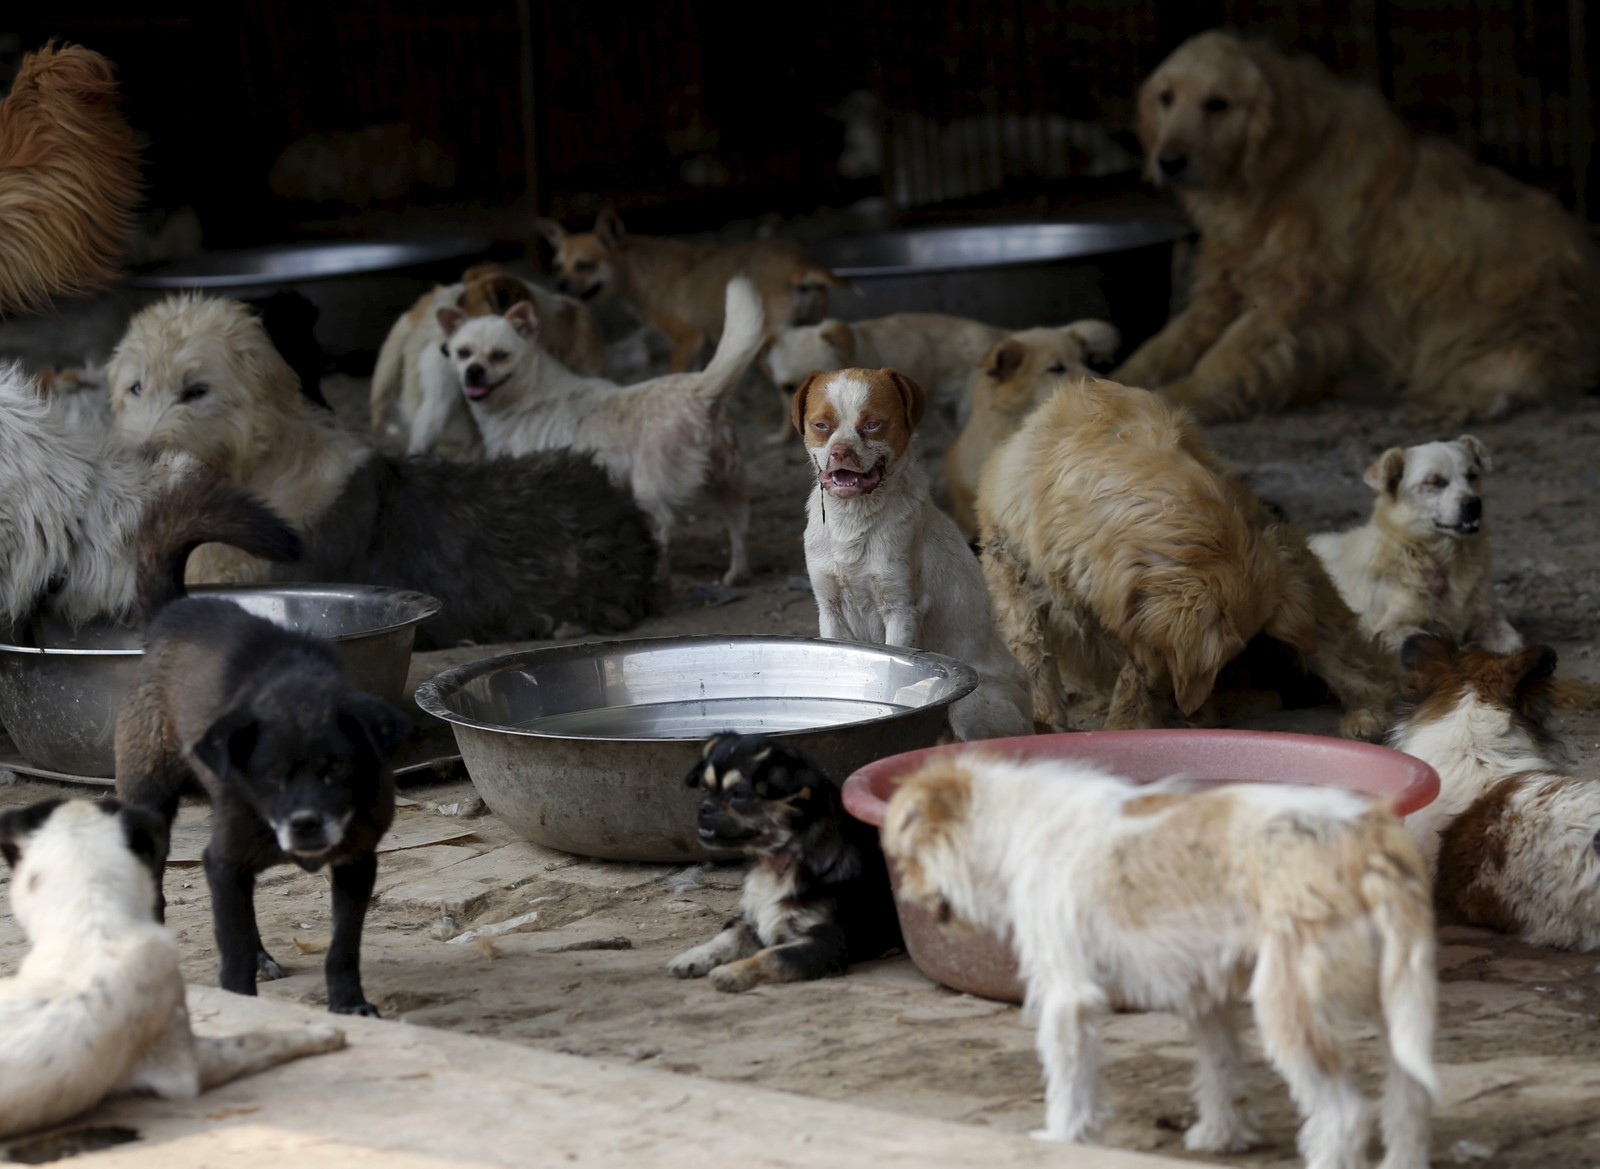 Disse hundene har blitt reddet av Yang Xiaoyun i Tianjin, Kina. Hundene skulle egentlig slaktes og spises, men den hundeglade kvinnen sier hun har kjøpt 500 hunder fra kjøtthandlerne i Yulin. Yang tar nå vare på over 1000 hunder. Noen av dem var løshunder mens andre var på vei til å bli menneskemat.